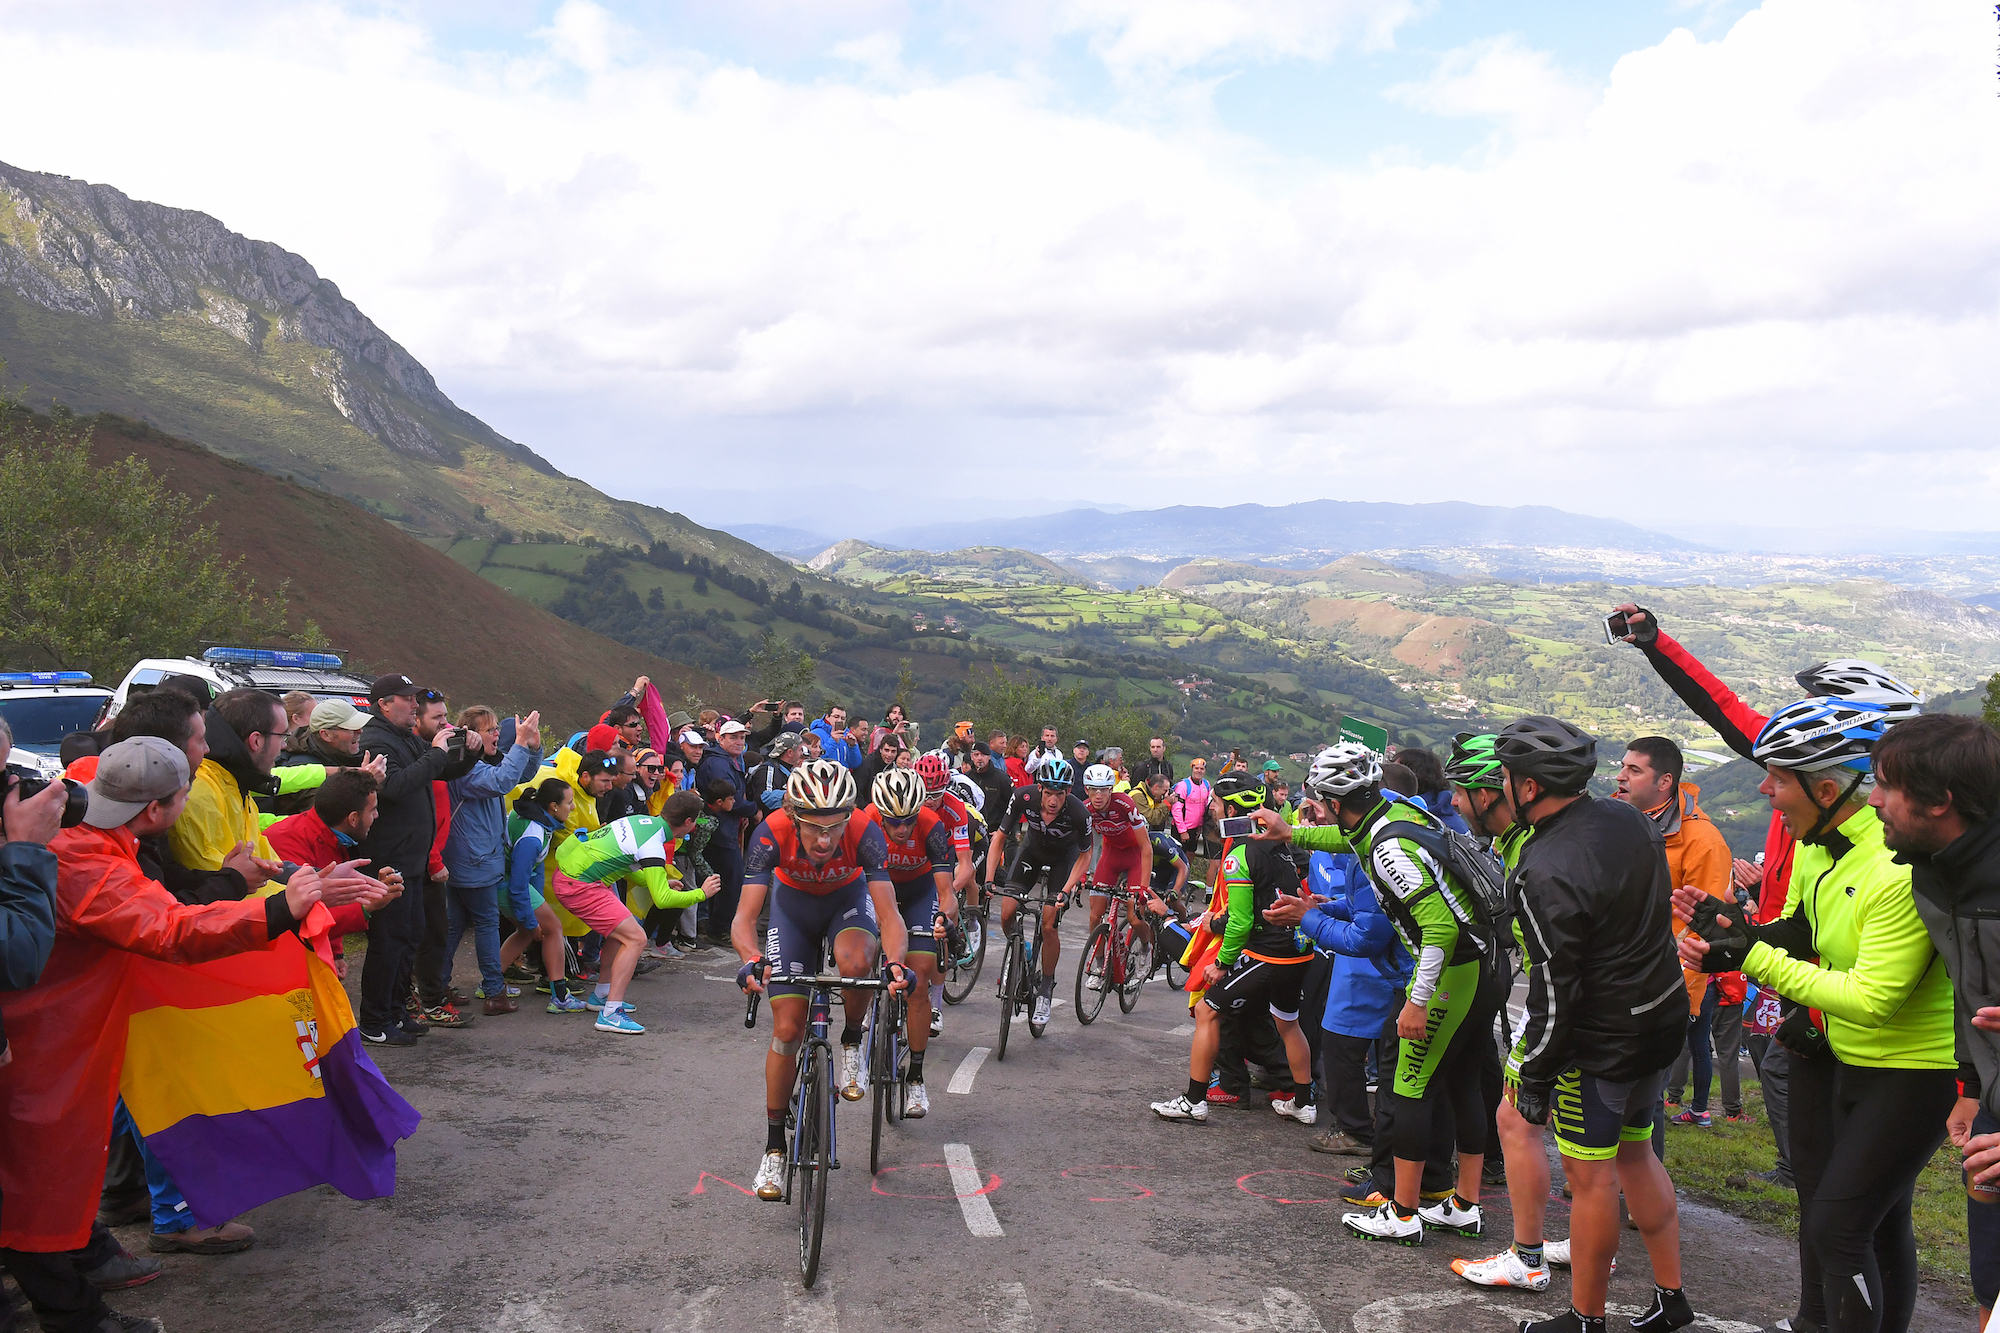 Vuelta a Espana cover image